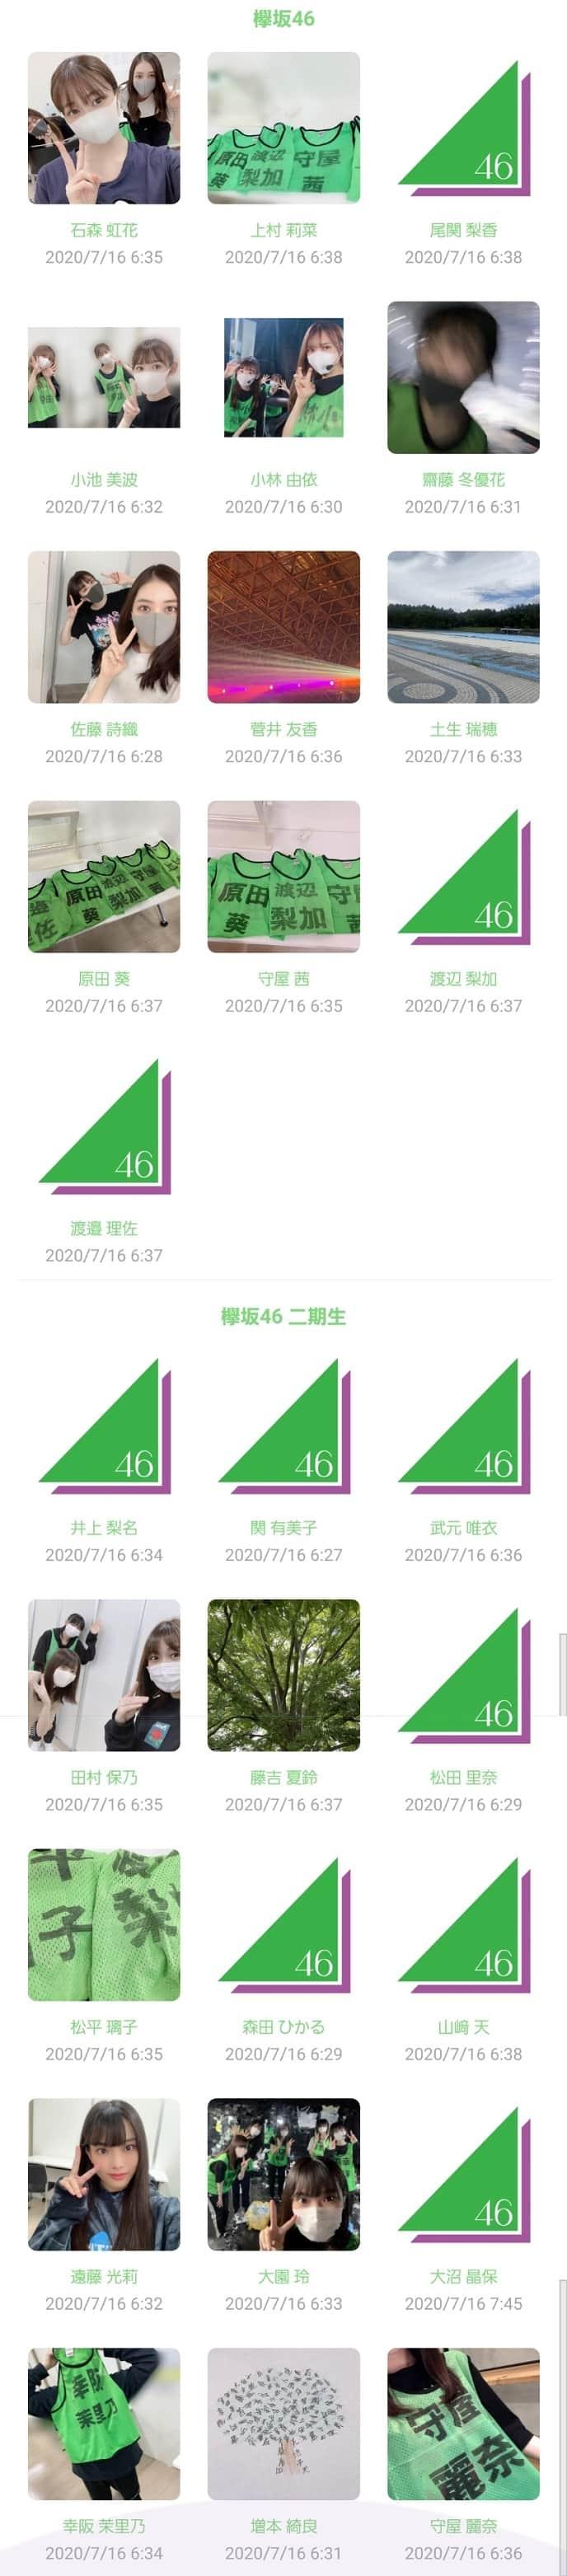 Screenshot_20200716-083818_KeyakizakaHinatazaka